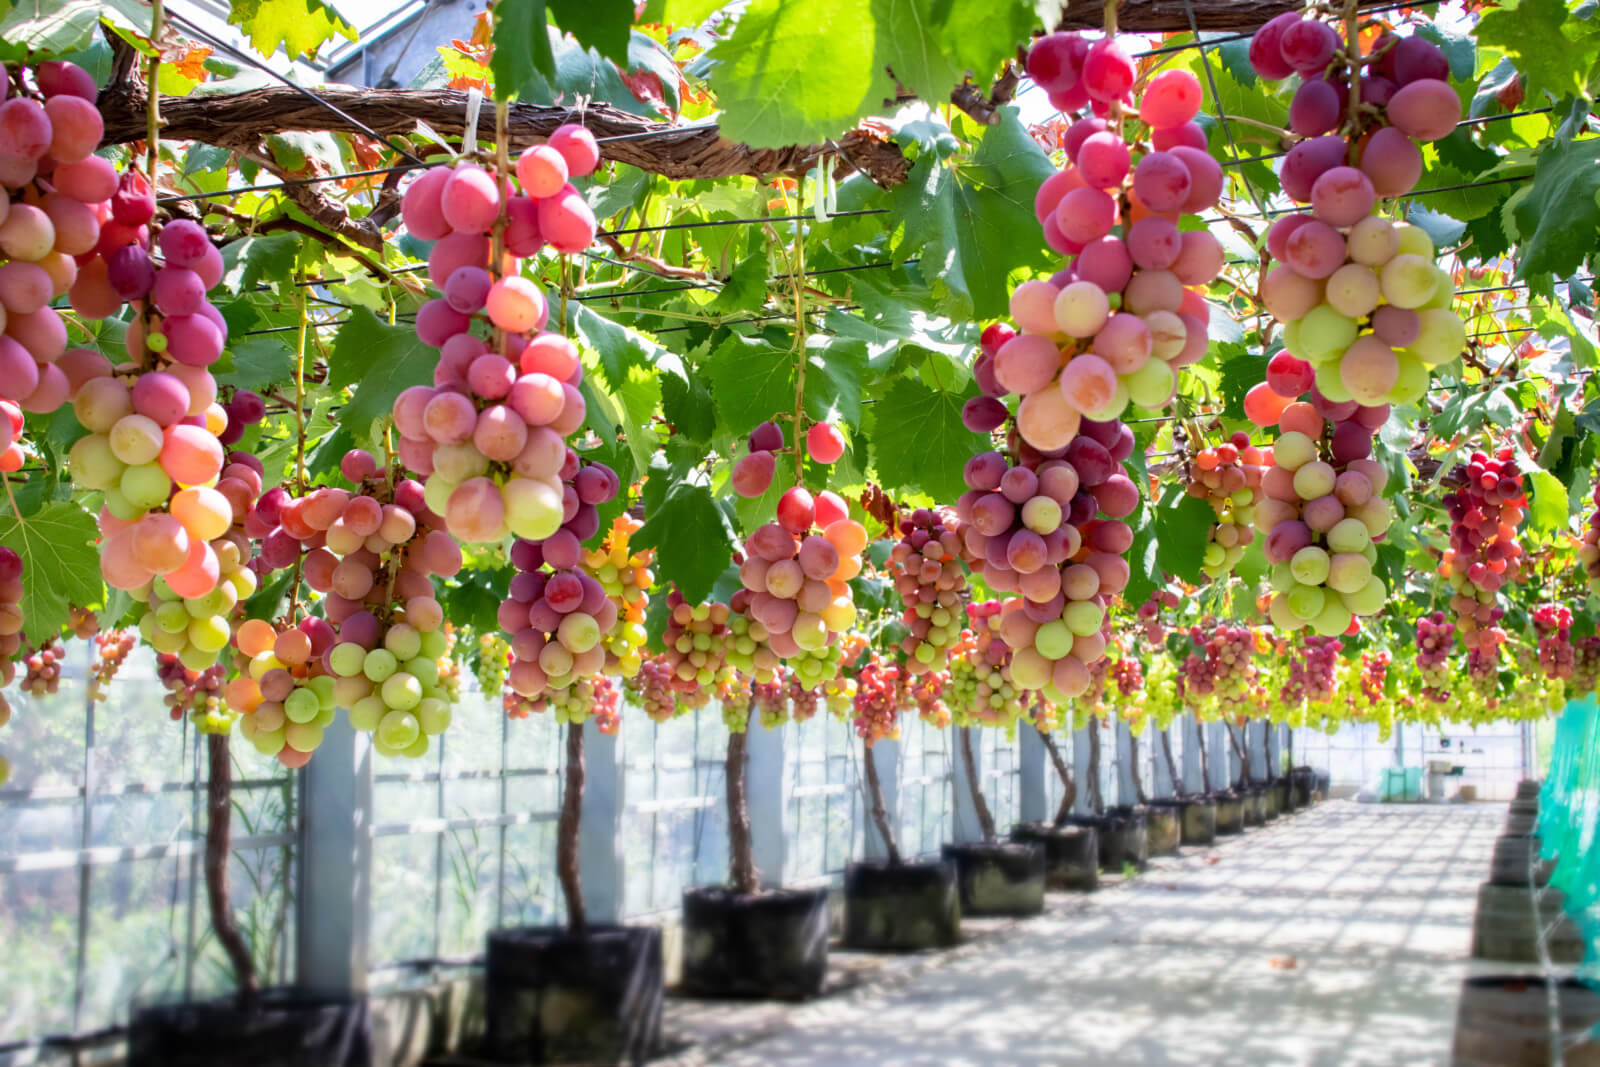 頭上に実るたくさんの葡萄